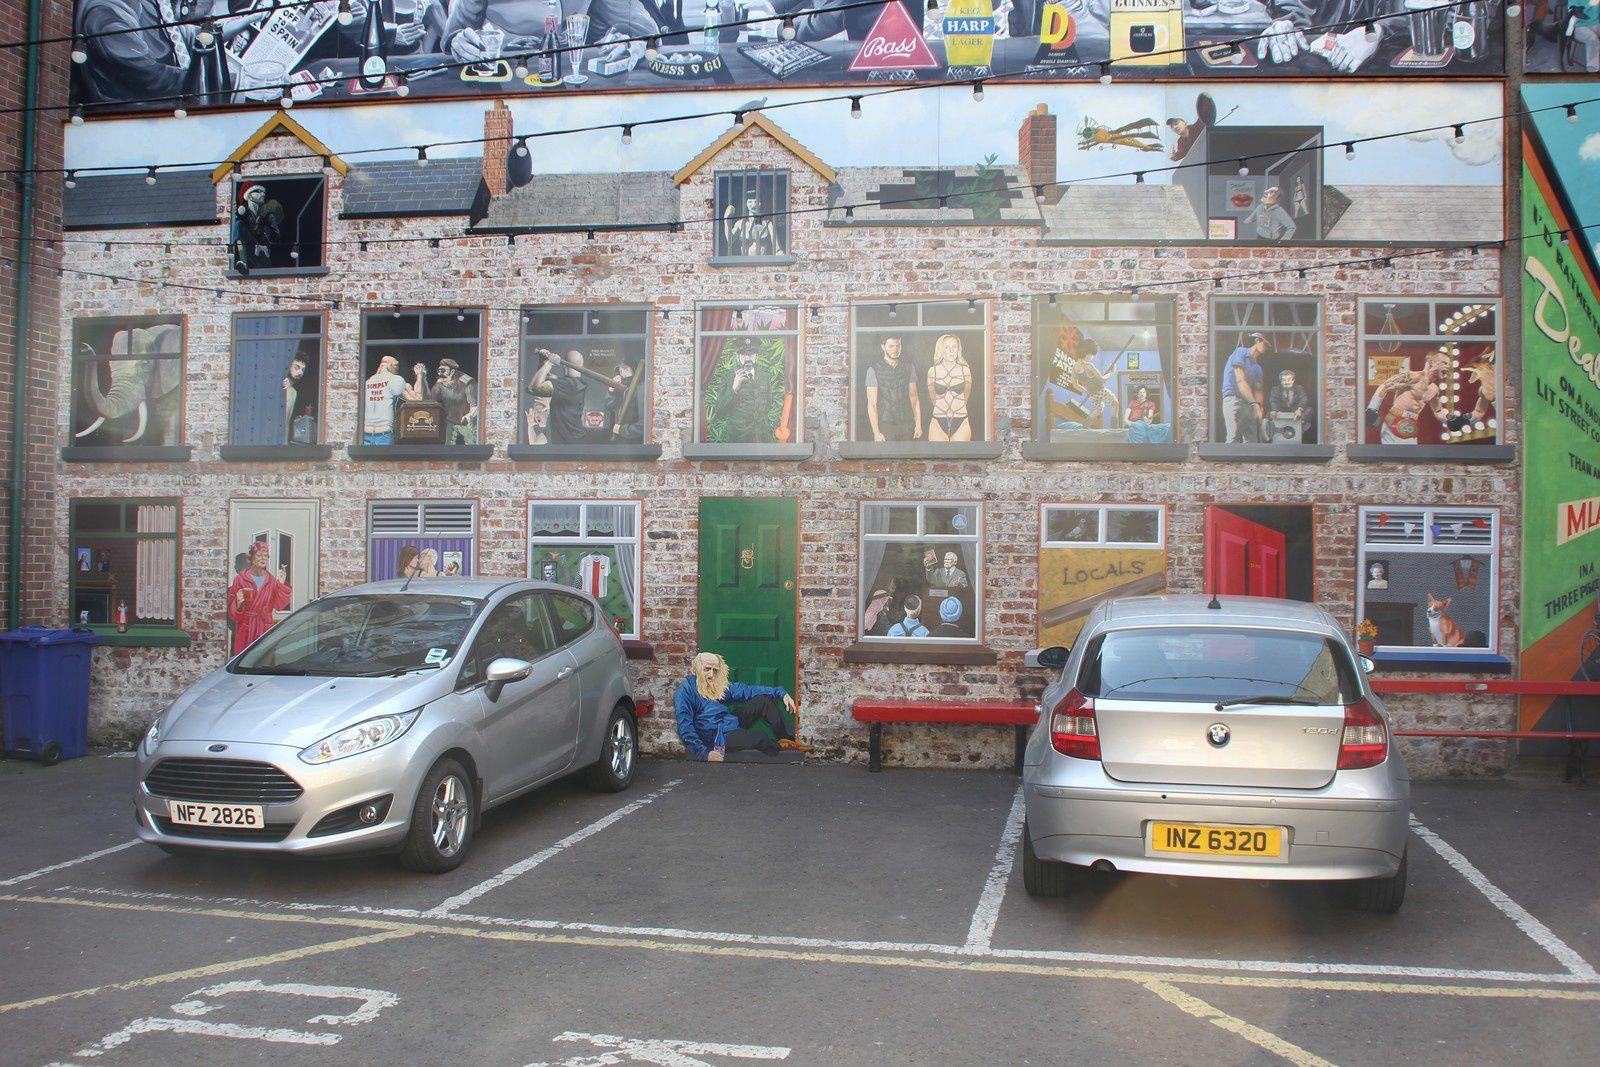 609) Commercial Court, Belfast Centre